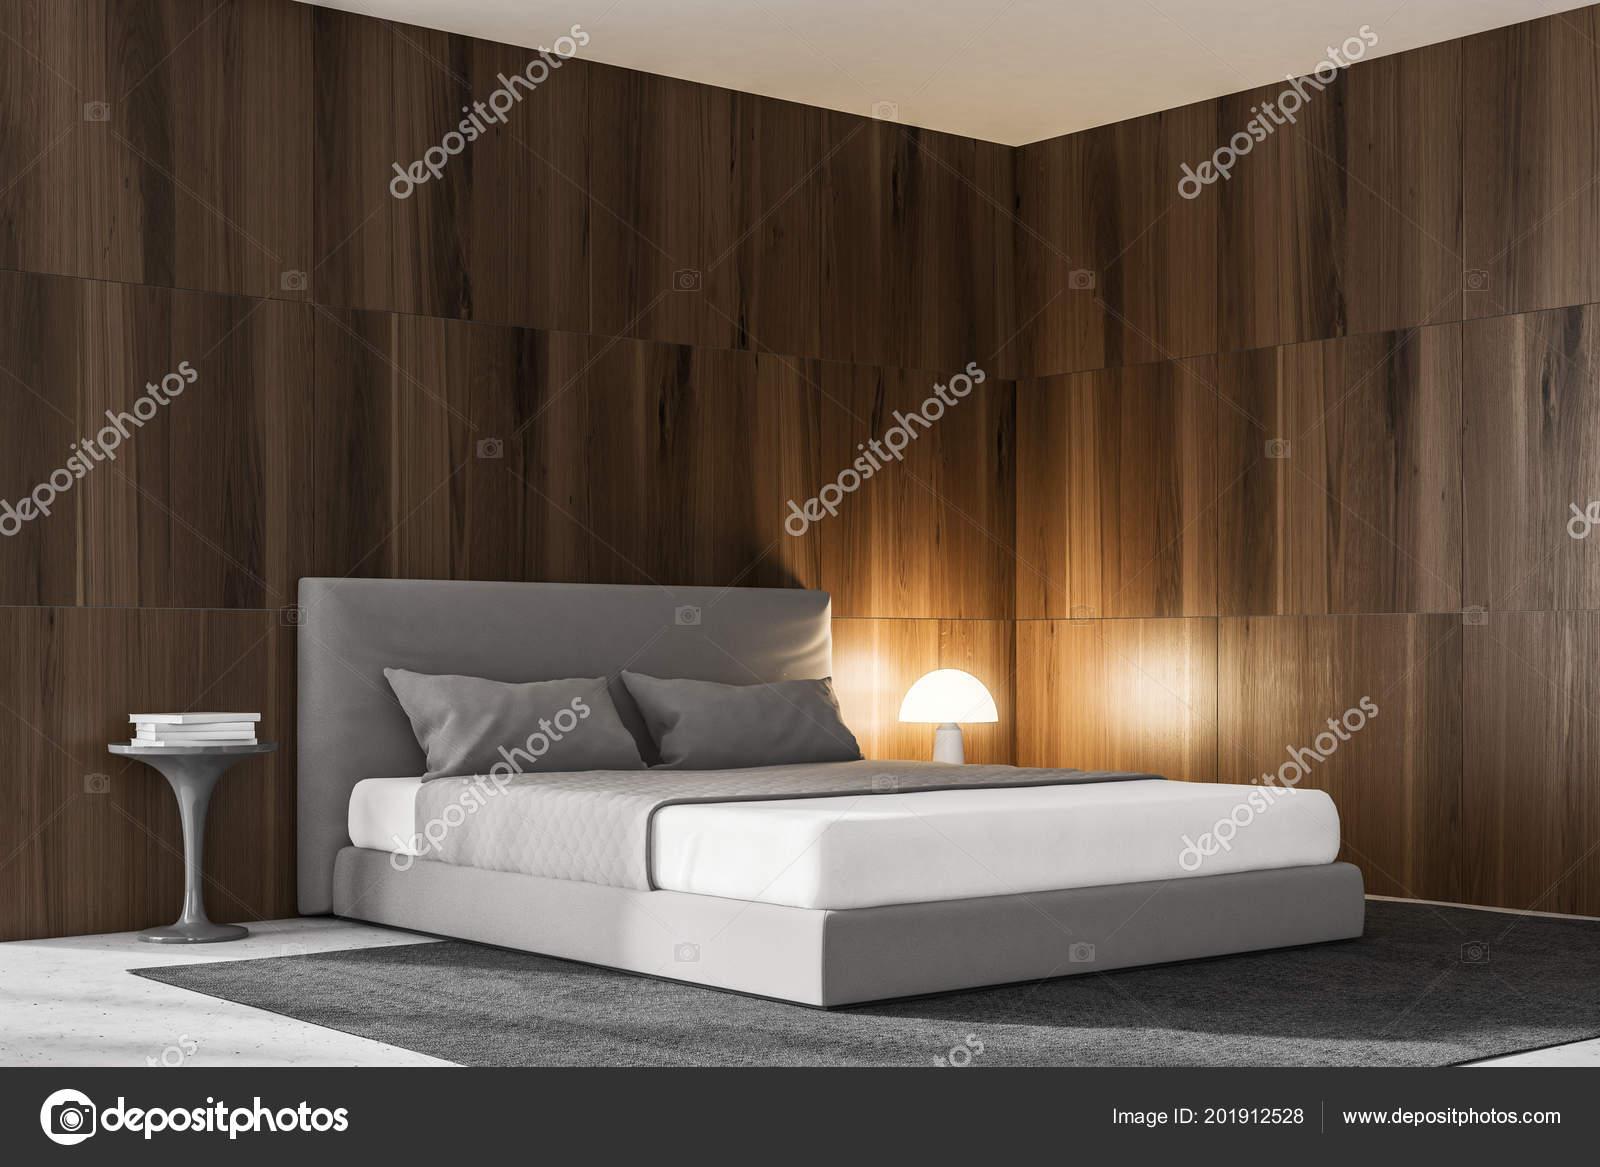 Widok Wnętrza Sypialni Ciemne Drewniane ściany Szare łóżko